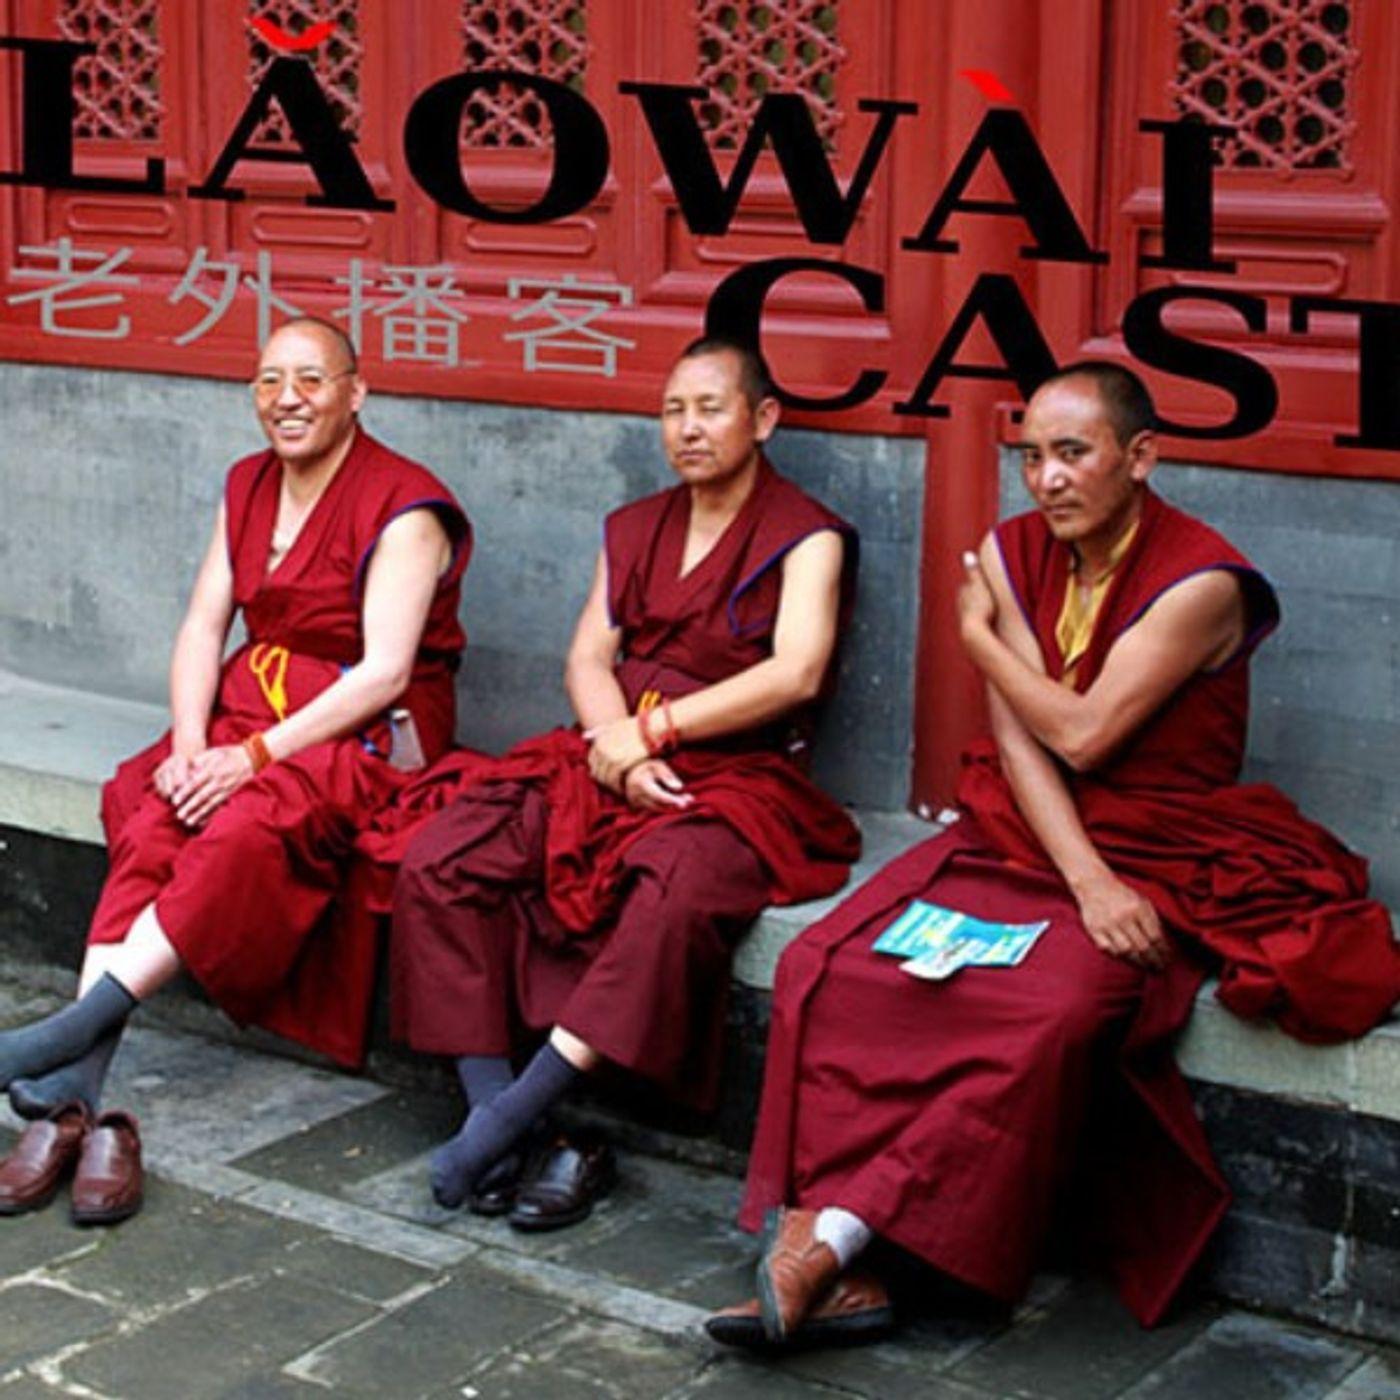 10 вопросов о Китае. Лаовайкаст отвечает на вопросы слушателей